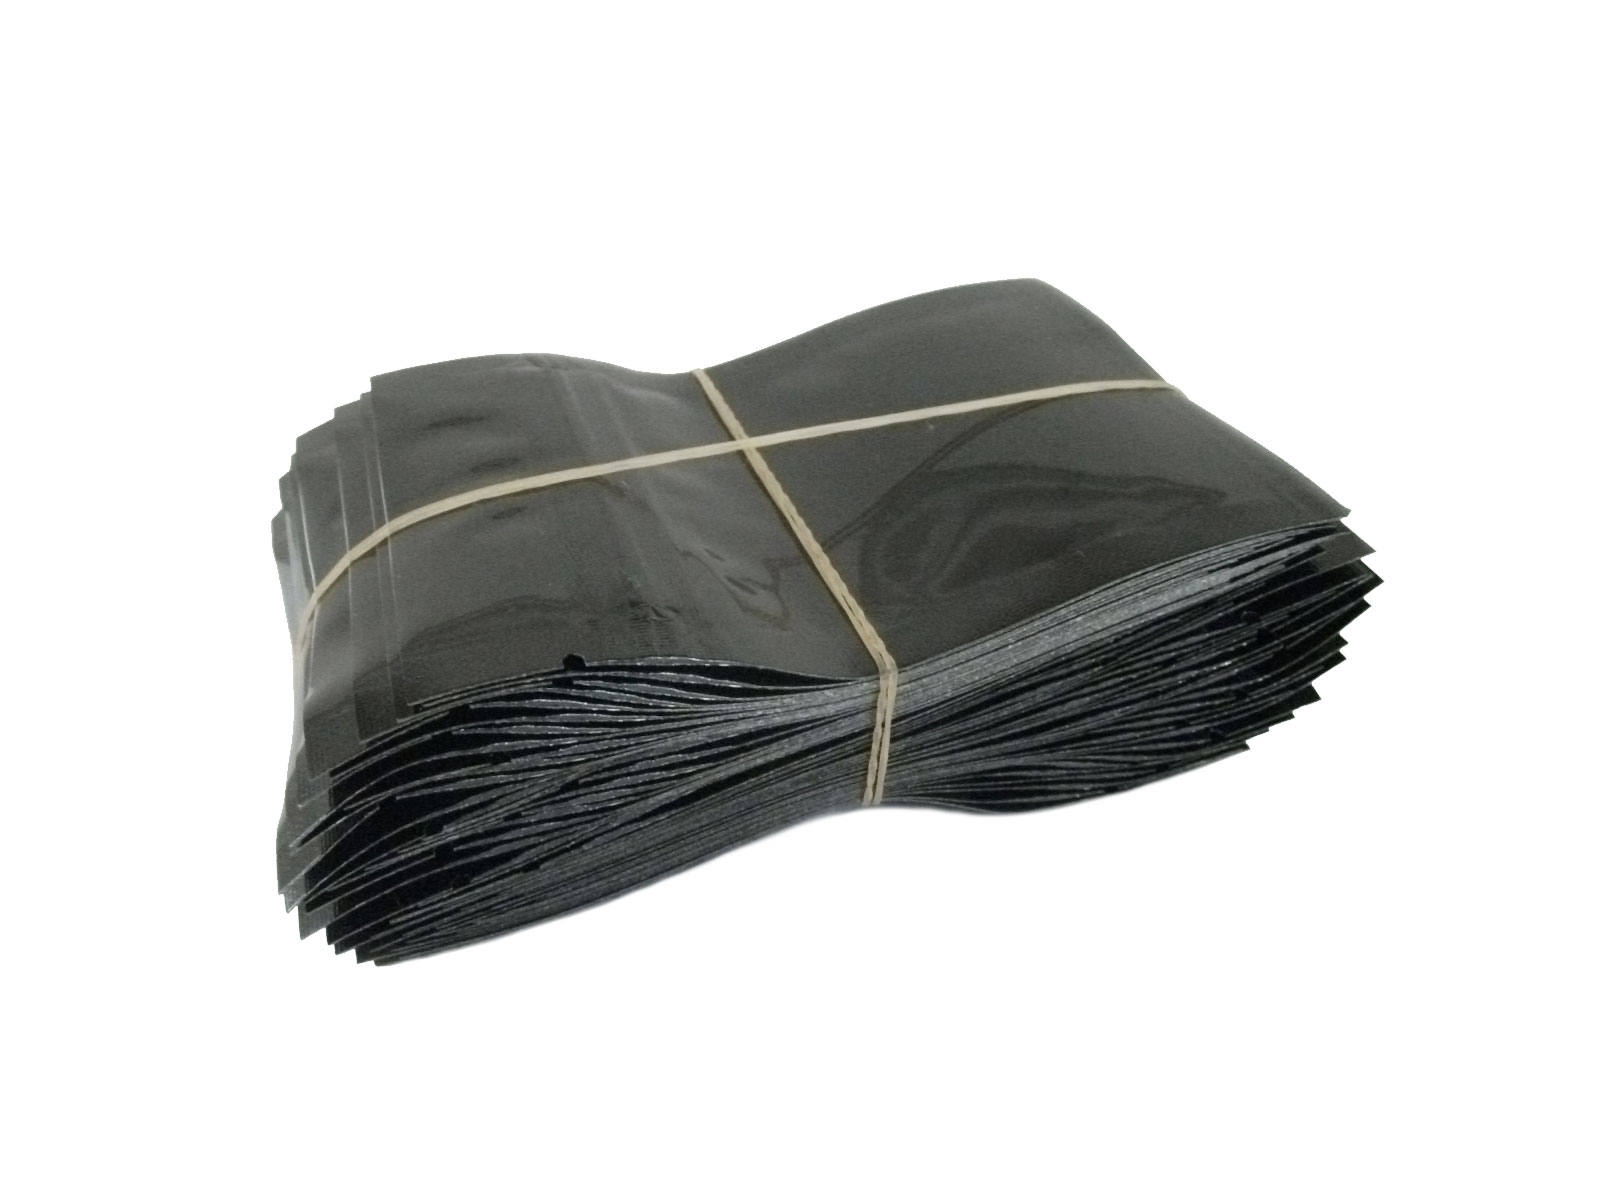 Mylar Pouch - 7.5cm x 10cm - Black